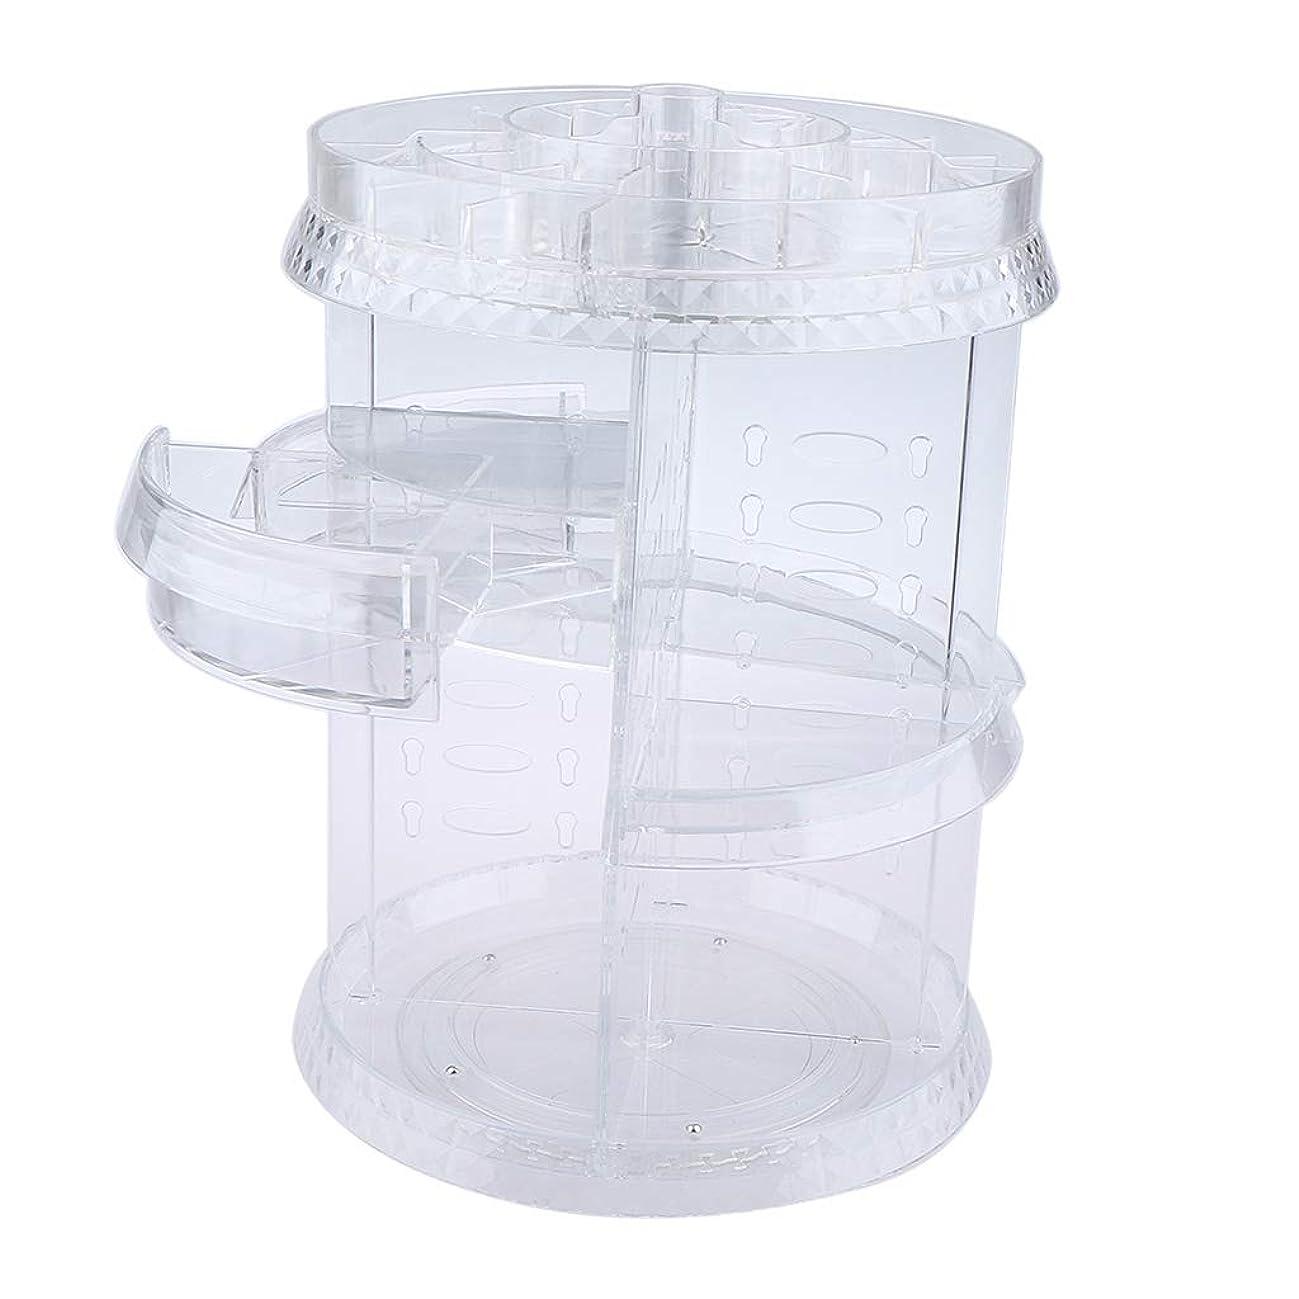 じゃがいも応じる満足P Prettyia 化粧品収納ホルダー クリア 360回転 メイクアップブラシ コスメ収納 プラスチック製 2タイプ選べ - 引き出しスタイル